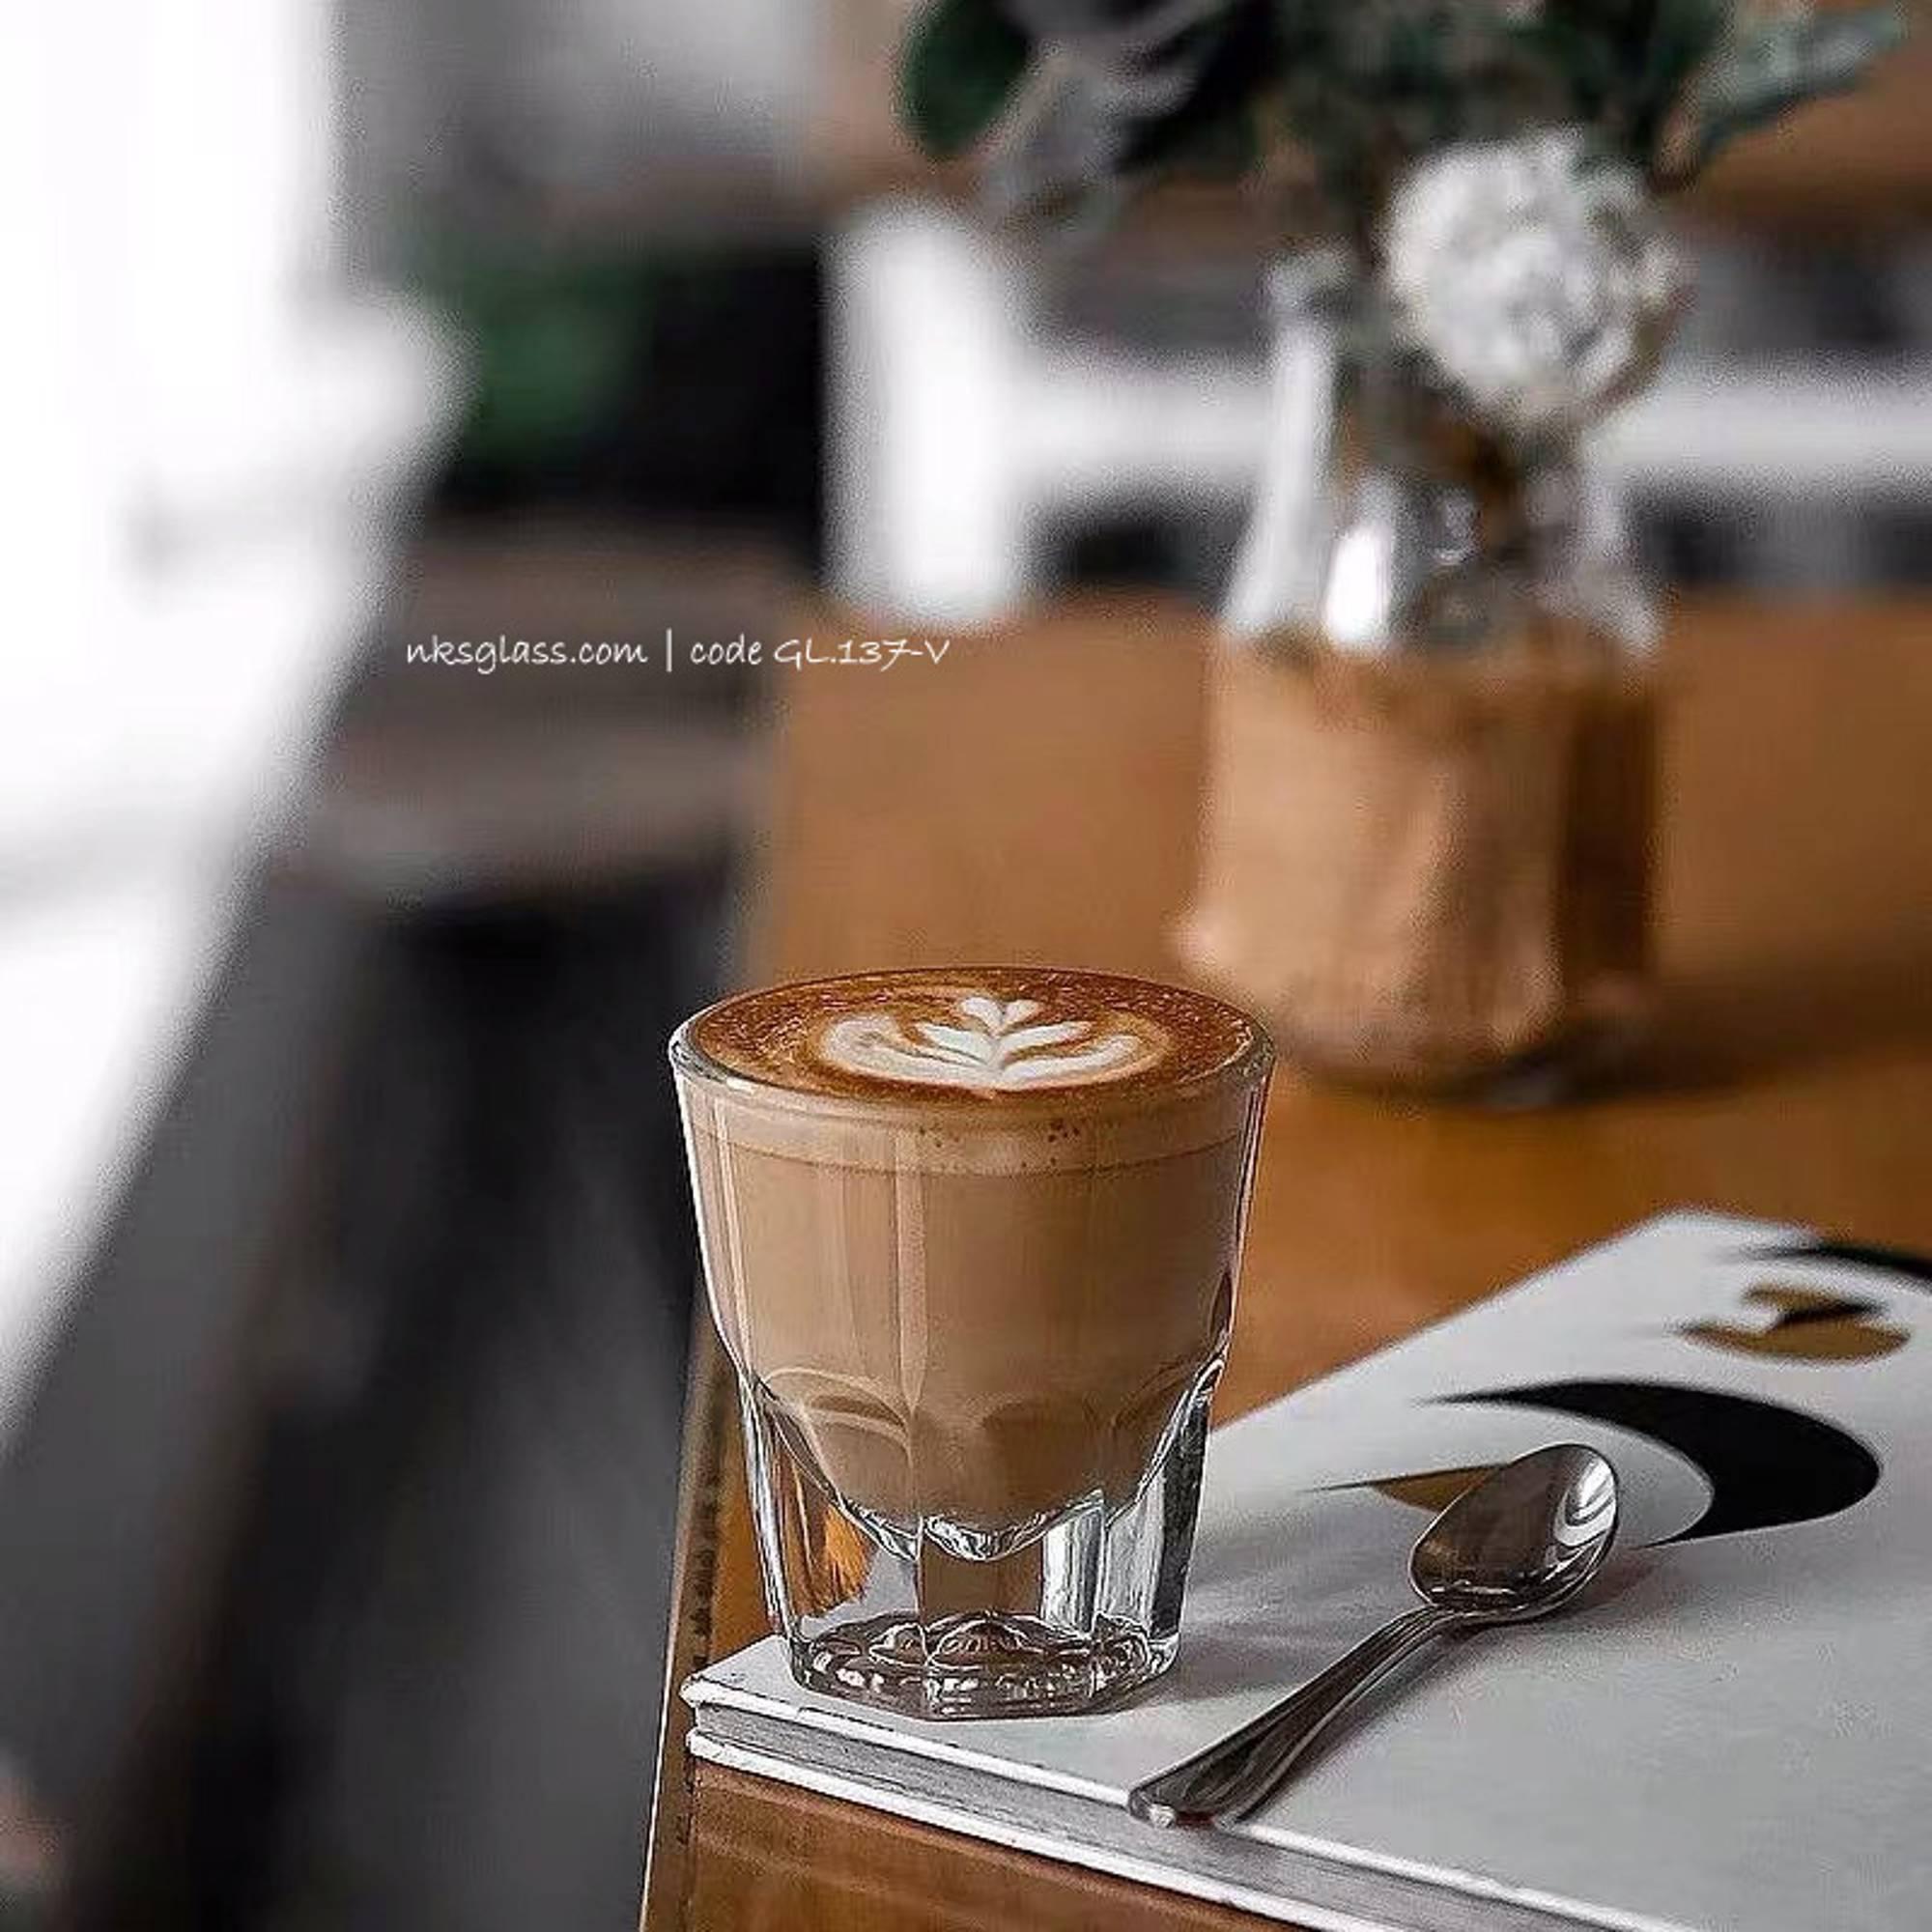 Ly espresso